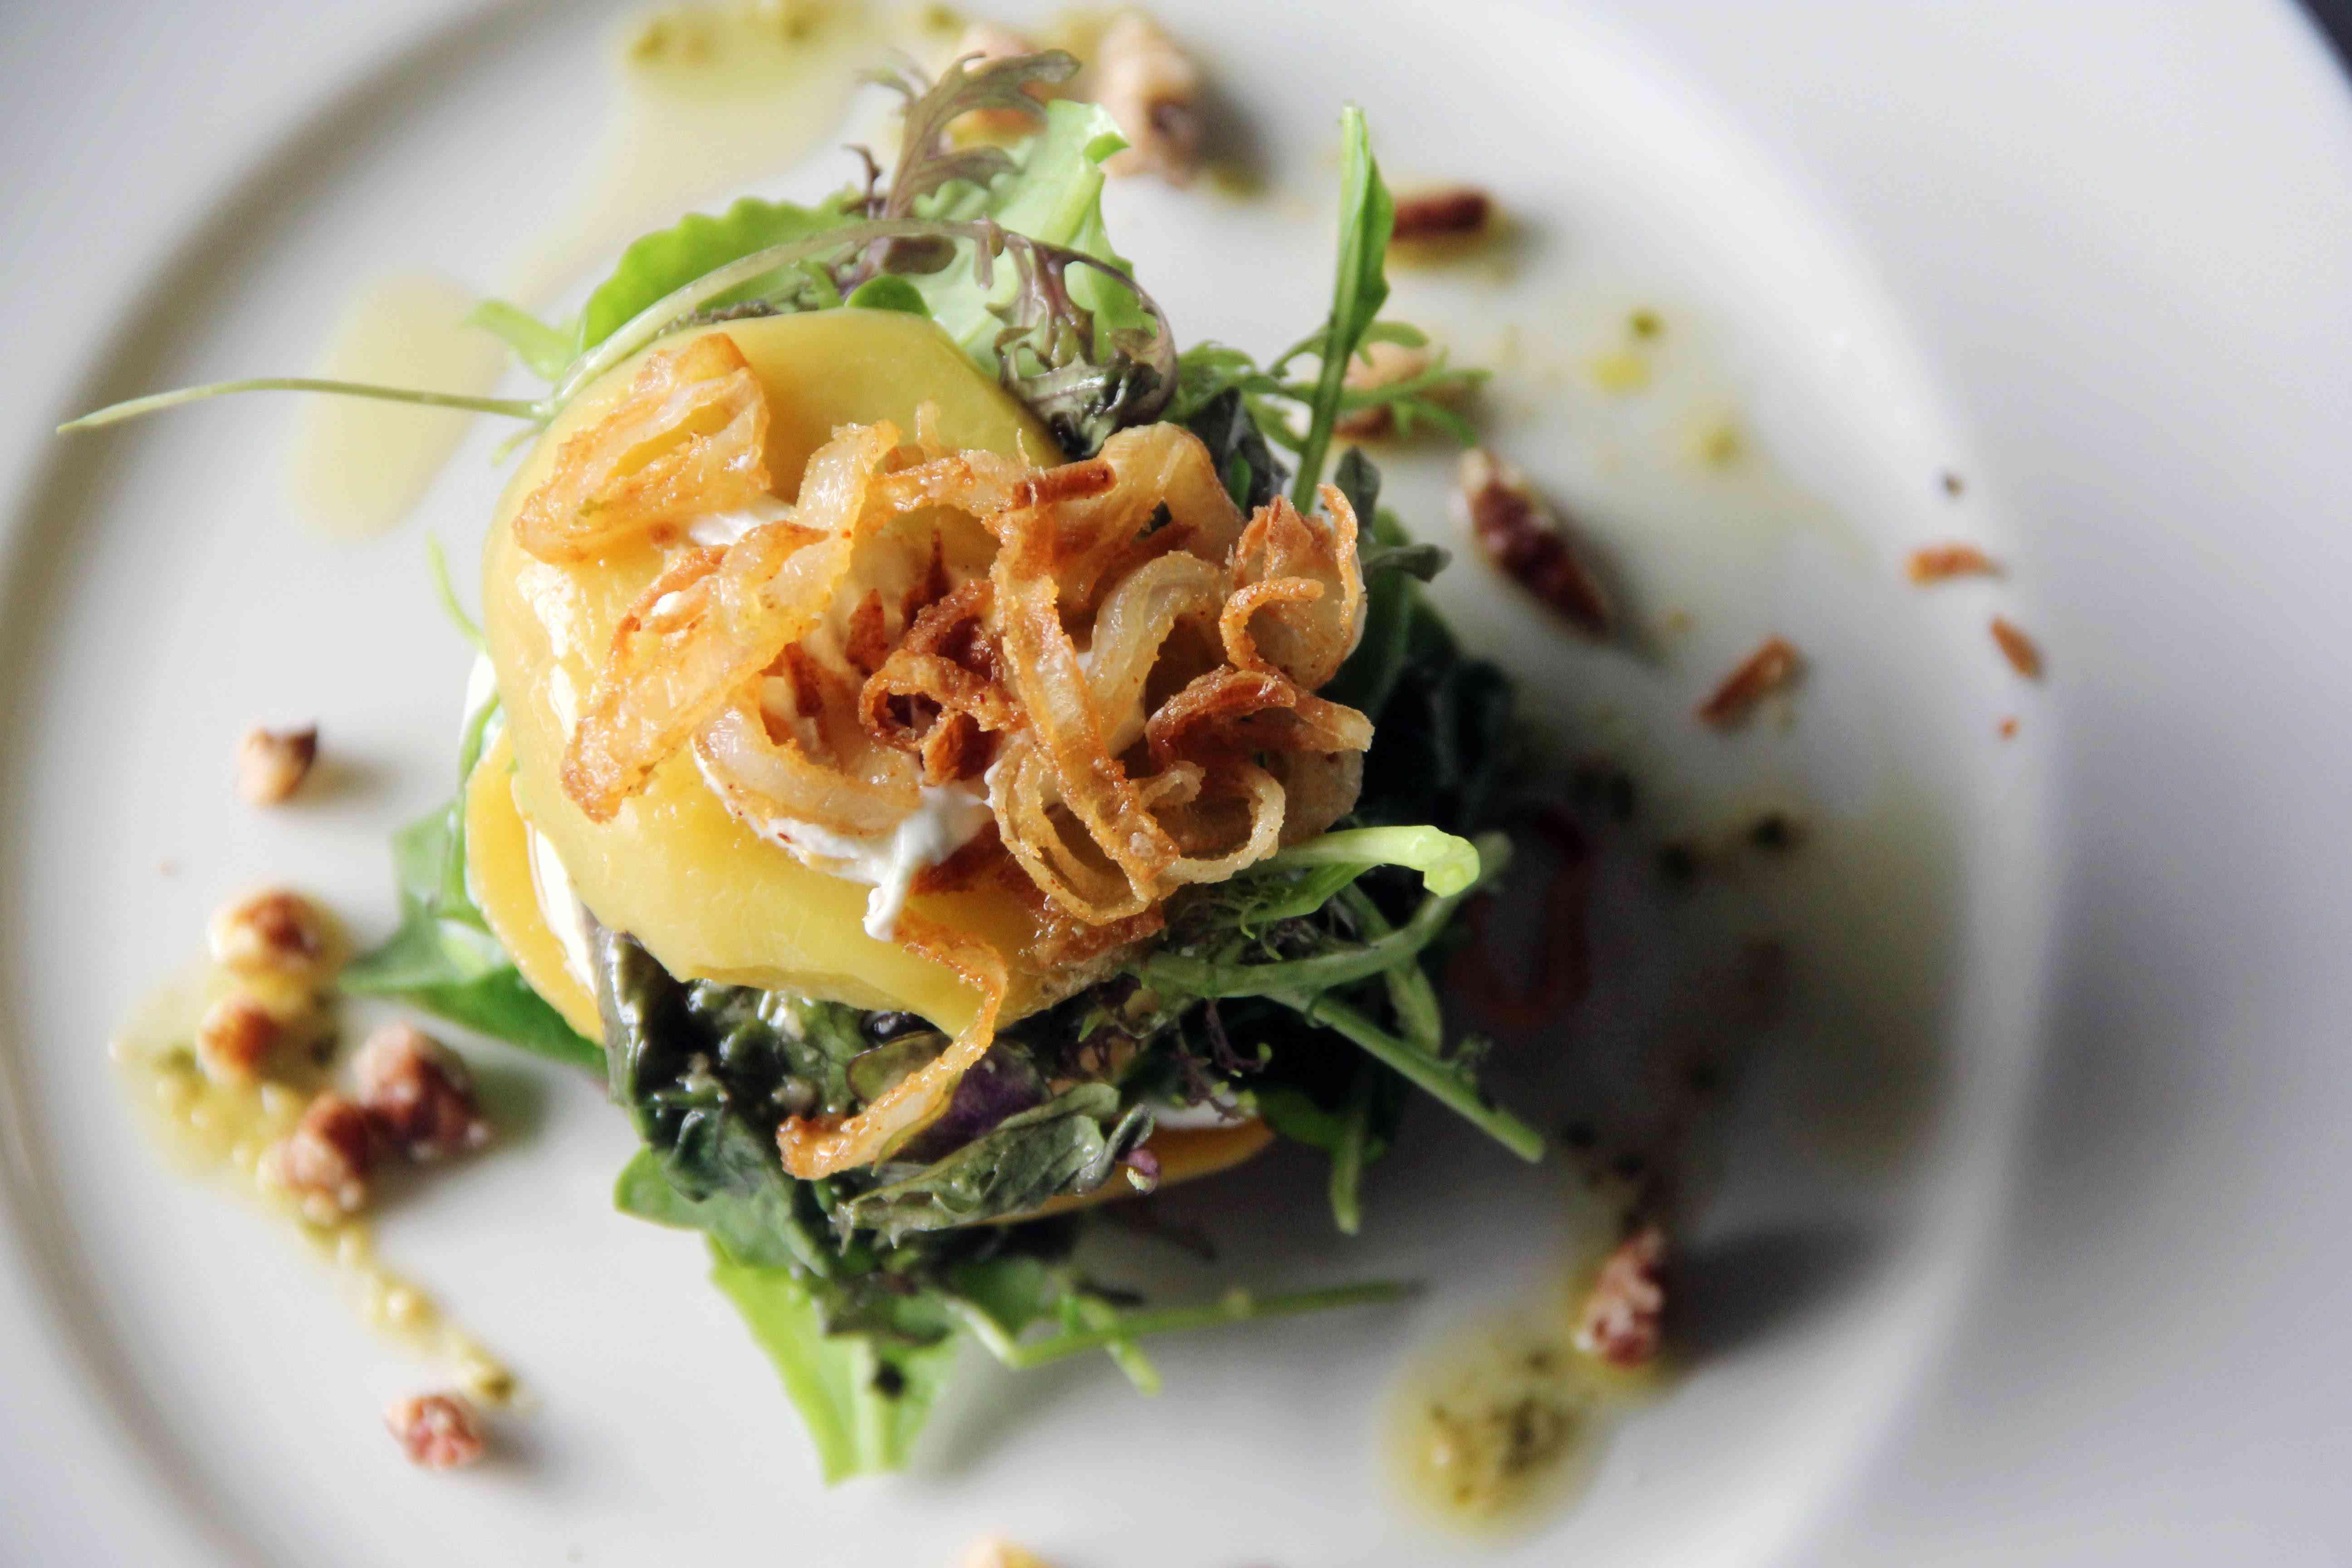 Entrada de Jack Fry's con crujientes cebollas y verduras